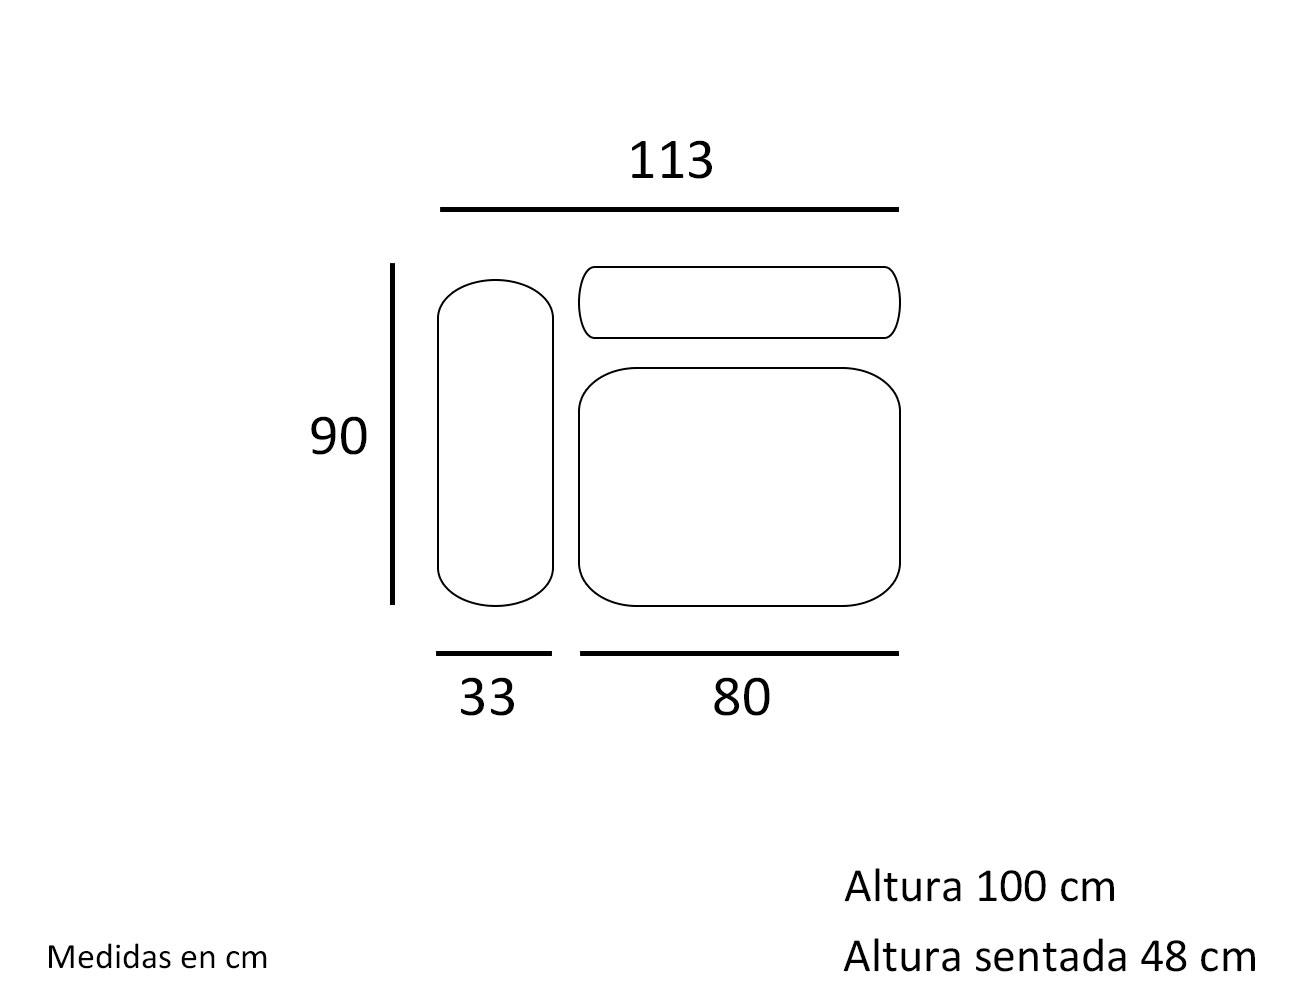 Croquis modulo 1 plaza con 1 brazo 113